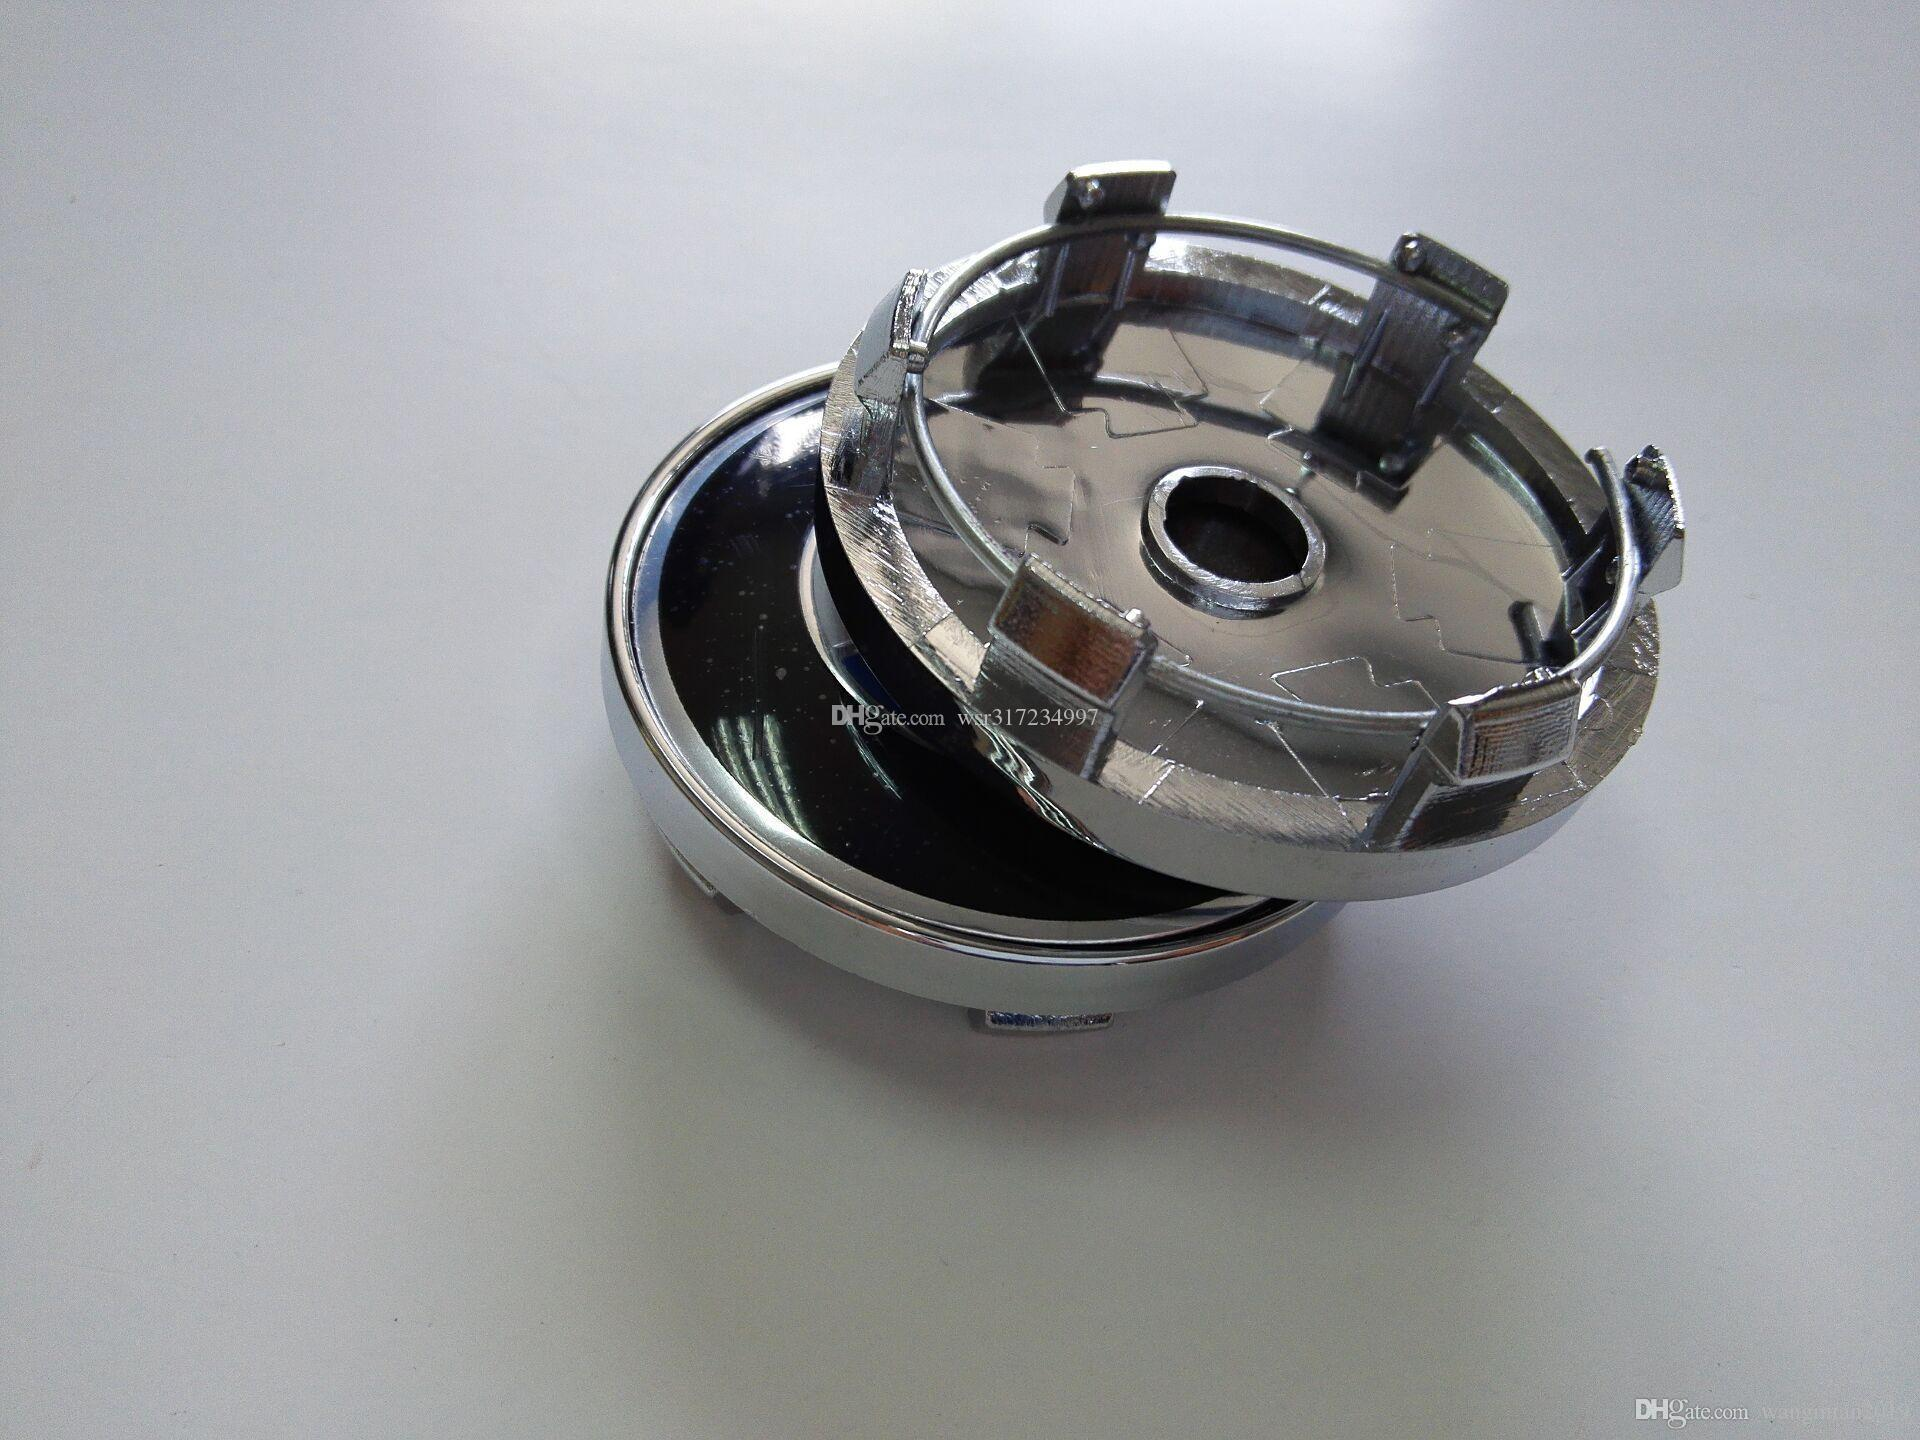 Car Styling 20Pcs * 60MM del centro di rotella delle protezioni di mozzo auto emblema distintivo marchio per BMW / VW / OPEL / MAZDA / Lexus / Volvo / Toyota / H / KIA / OZ Racing Etc.